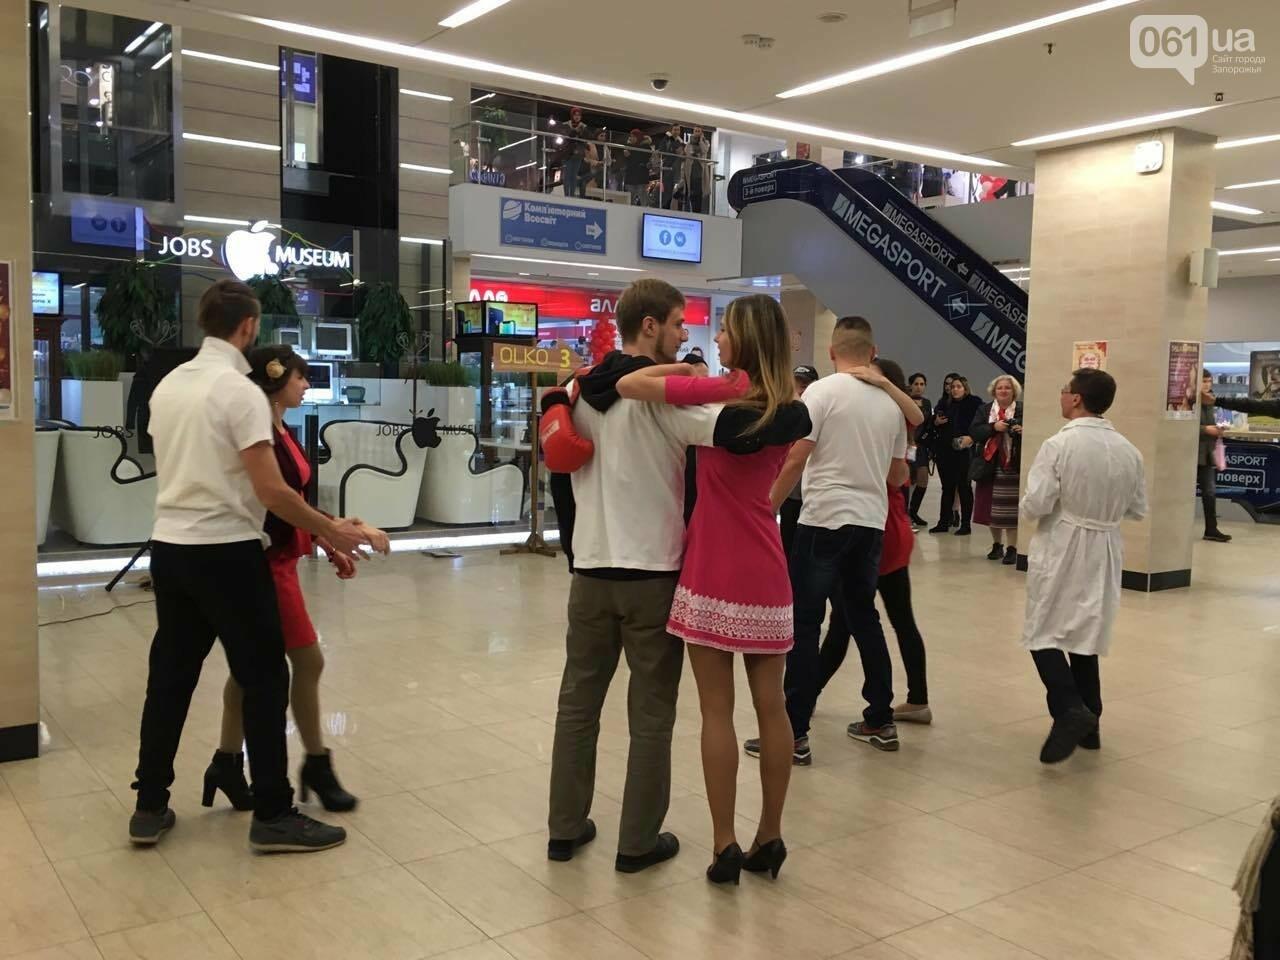 В запорожском торговом центре провели флешмоб против курения, - ФОТО, ВИДЕО, фото-5